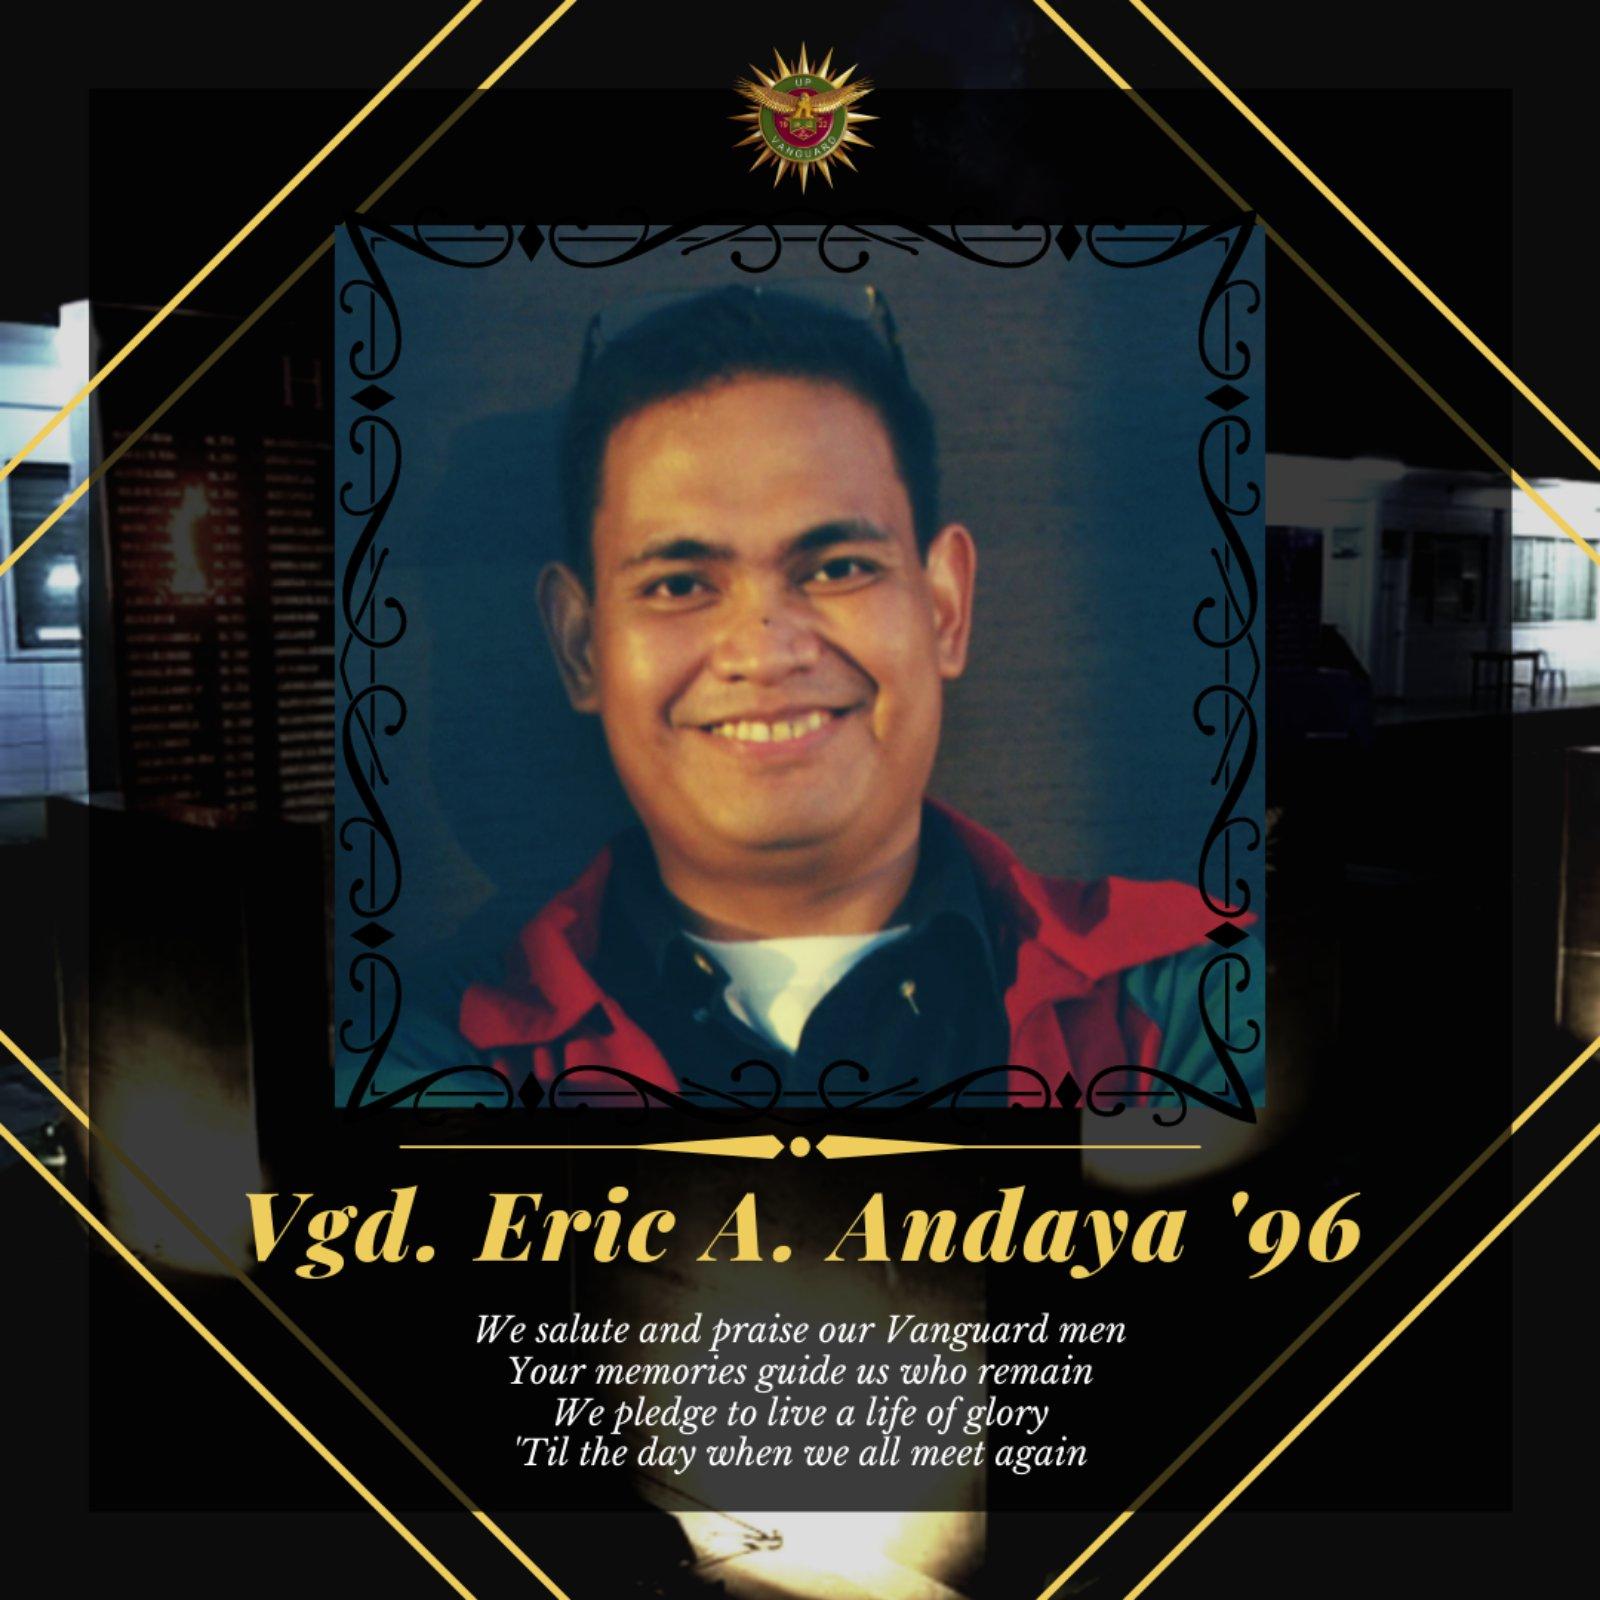 Vgd Eric A Andaya 96